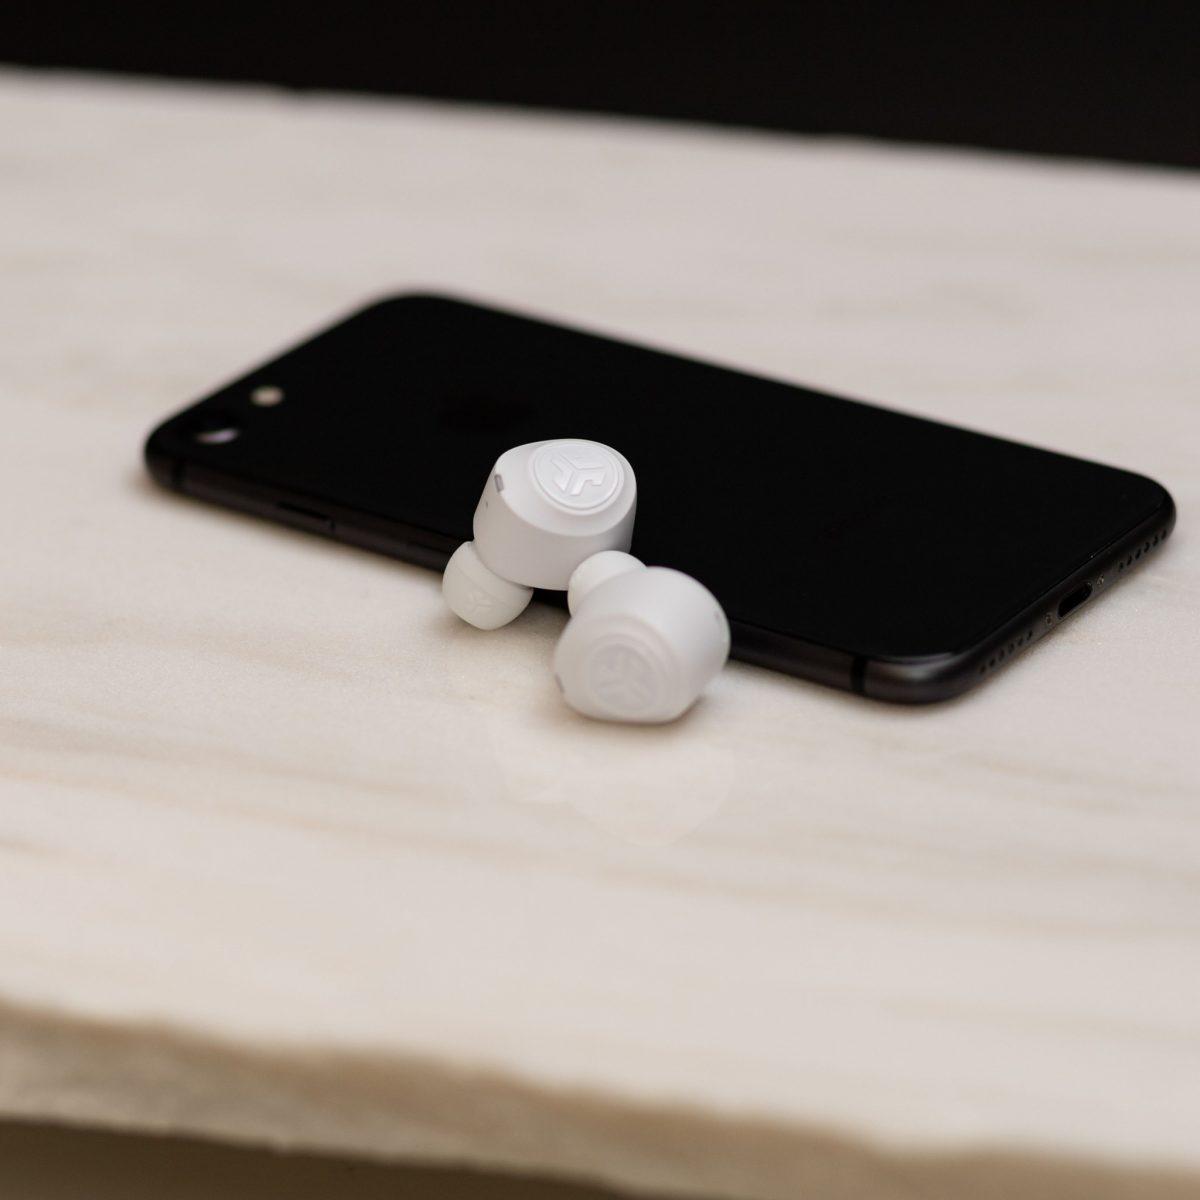 Jbuds best cheap wireless earbuds in white